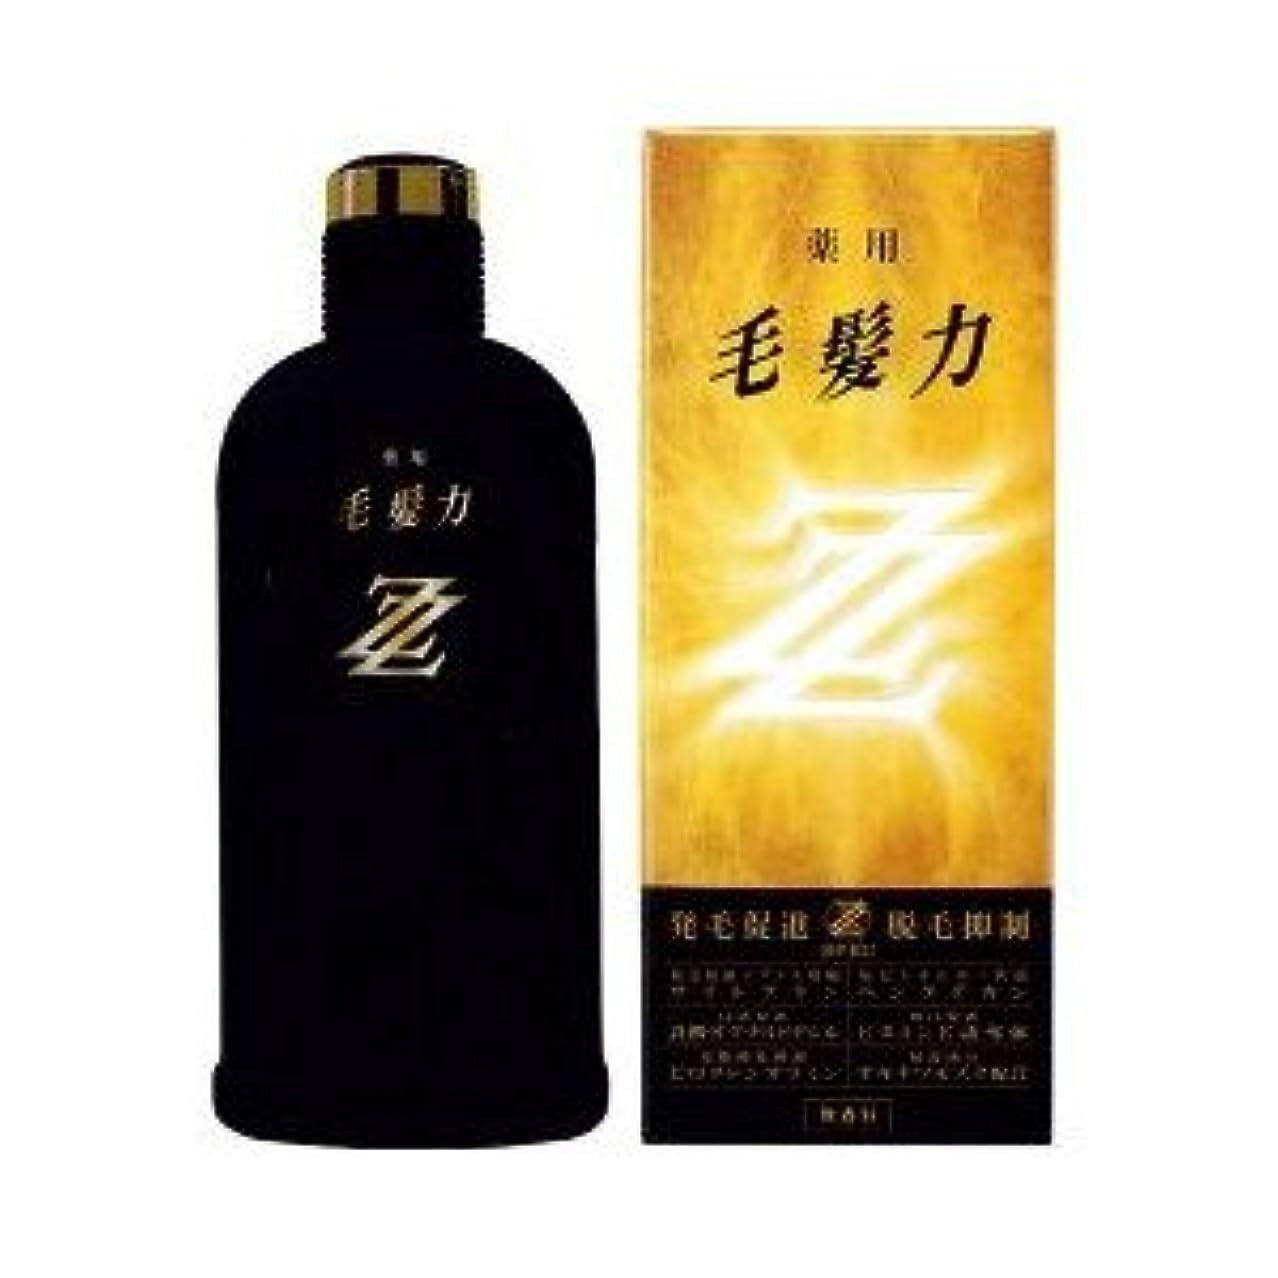 真剣に最大パキスタンライオン 薬用毛髪力ZZ 無香料 200ML